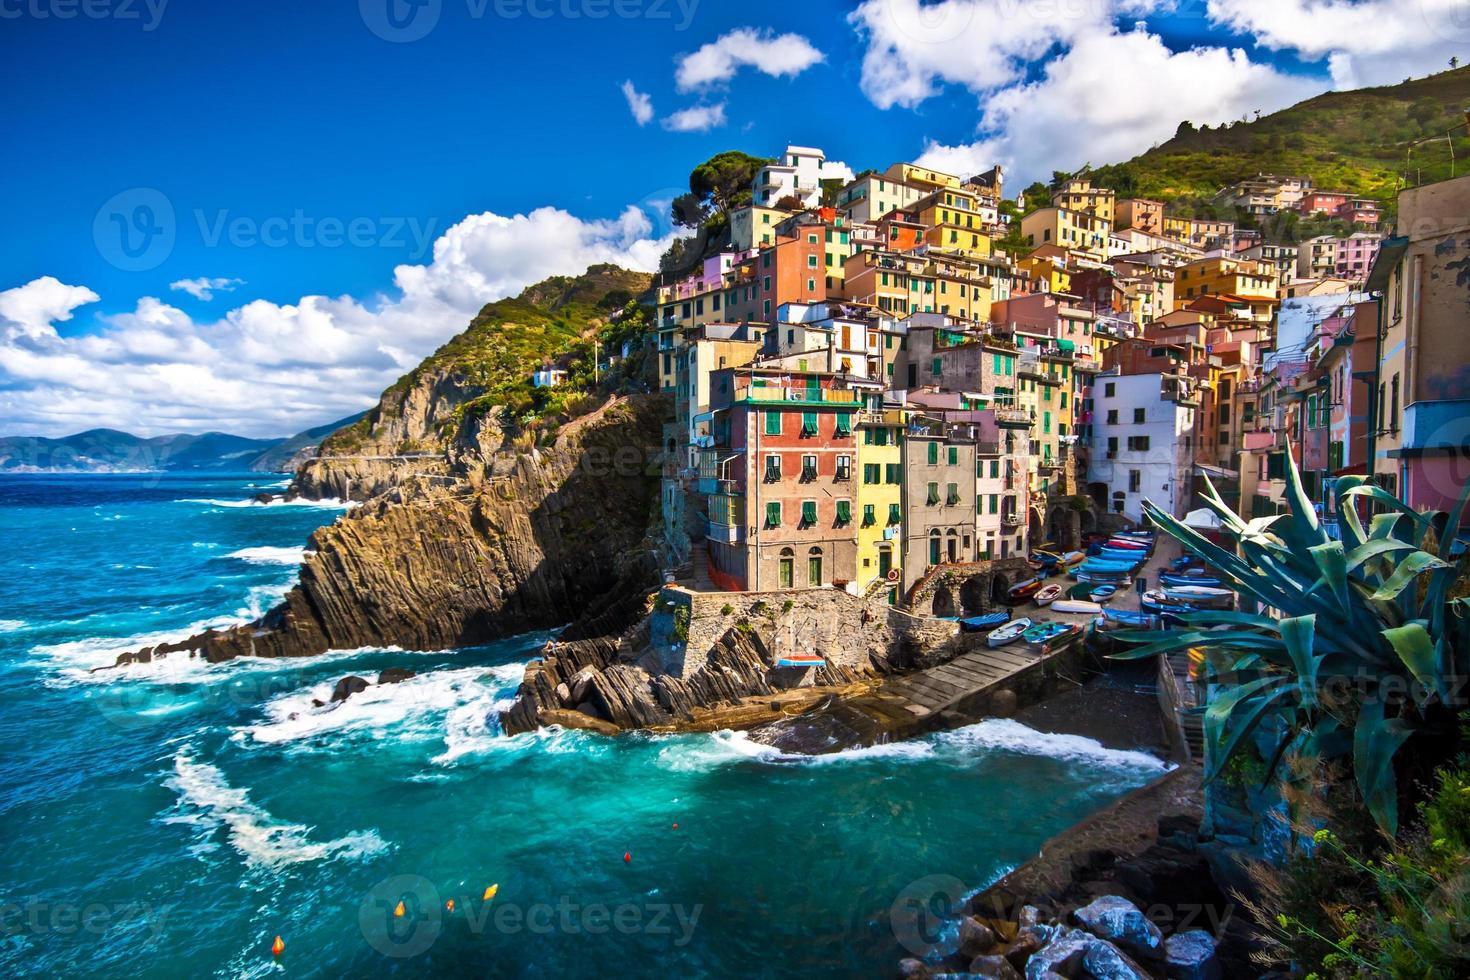 Riomaggiore fisherman village in Cinque Terre, Italy photo